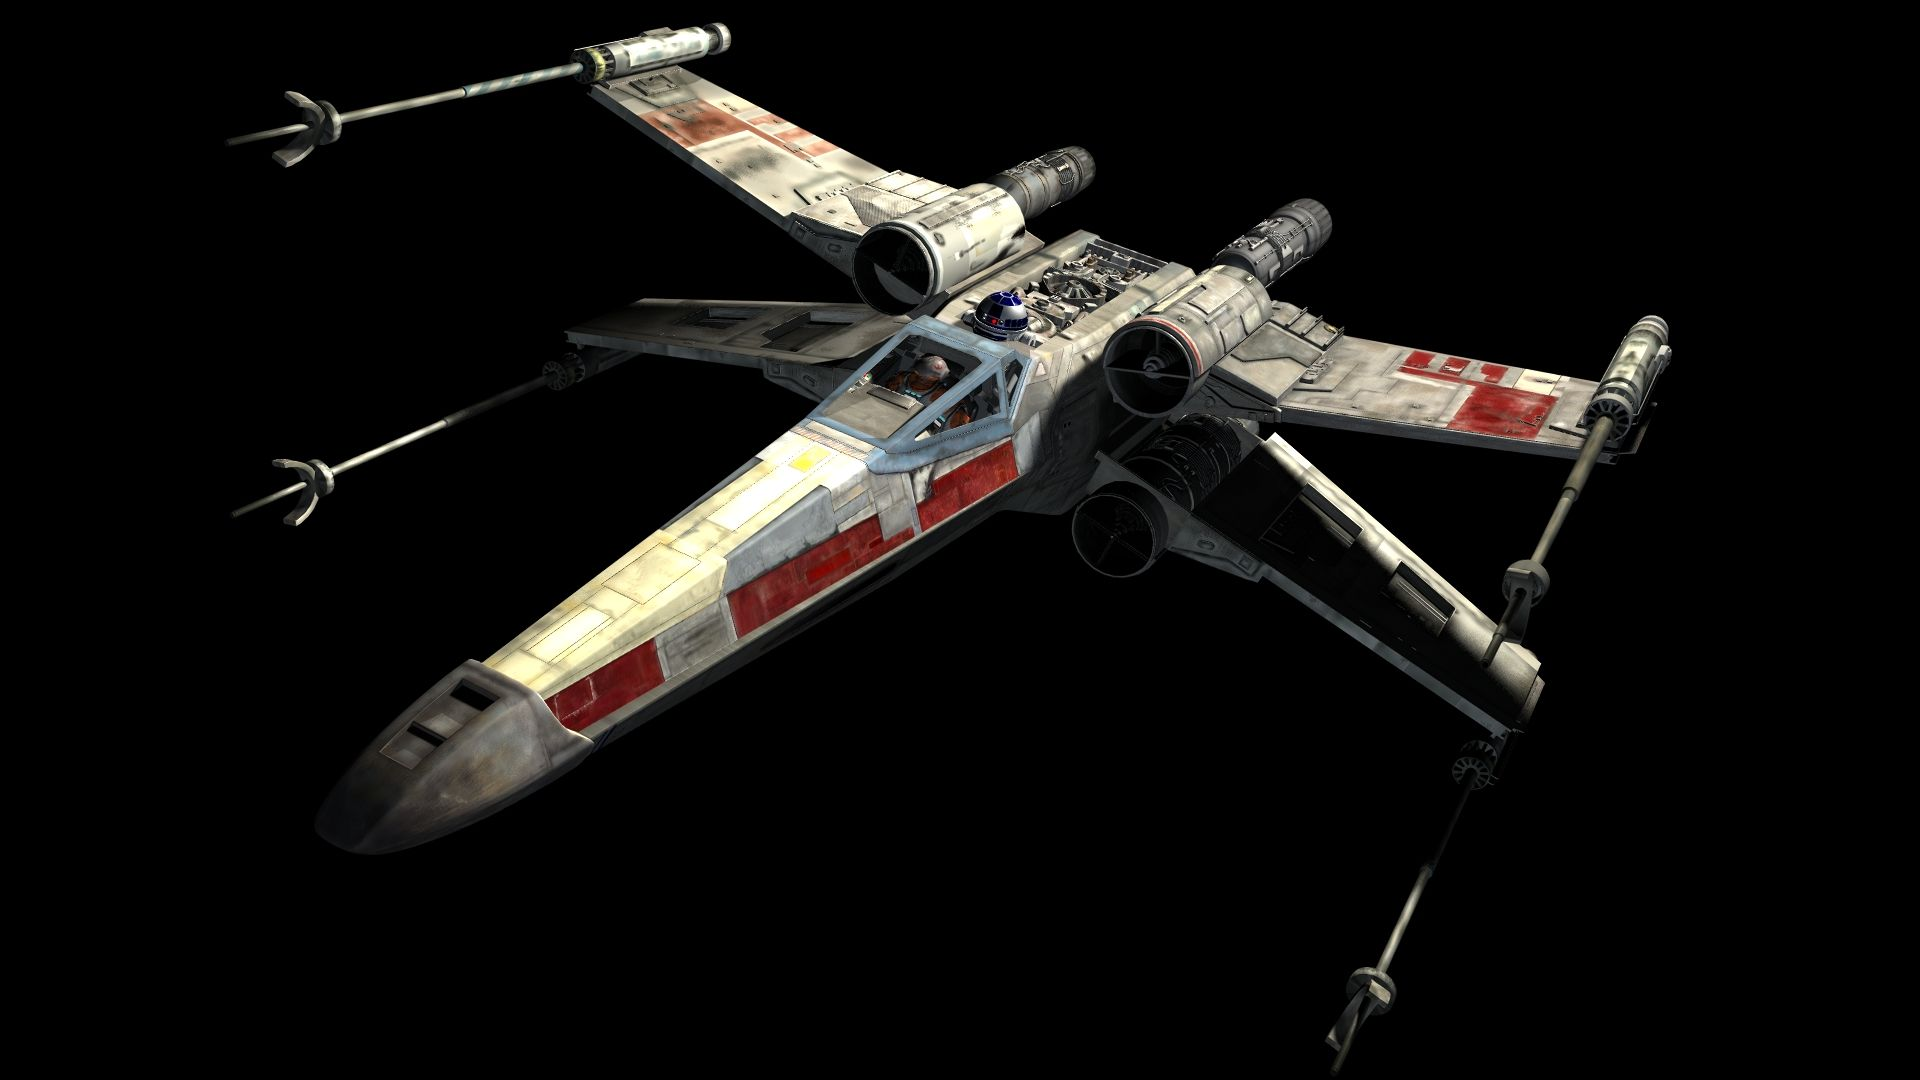 top 5 star wars rebel alliance fighters from the original trilogy creamer 39 s cinema craze. Black Bedroom Furniture Sets. Home Design Ideas